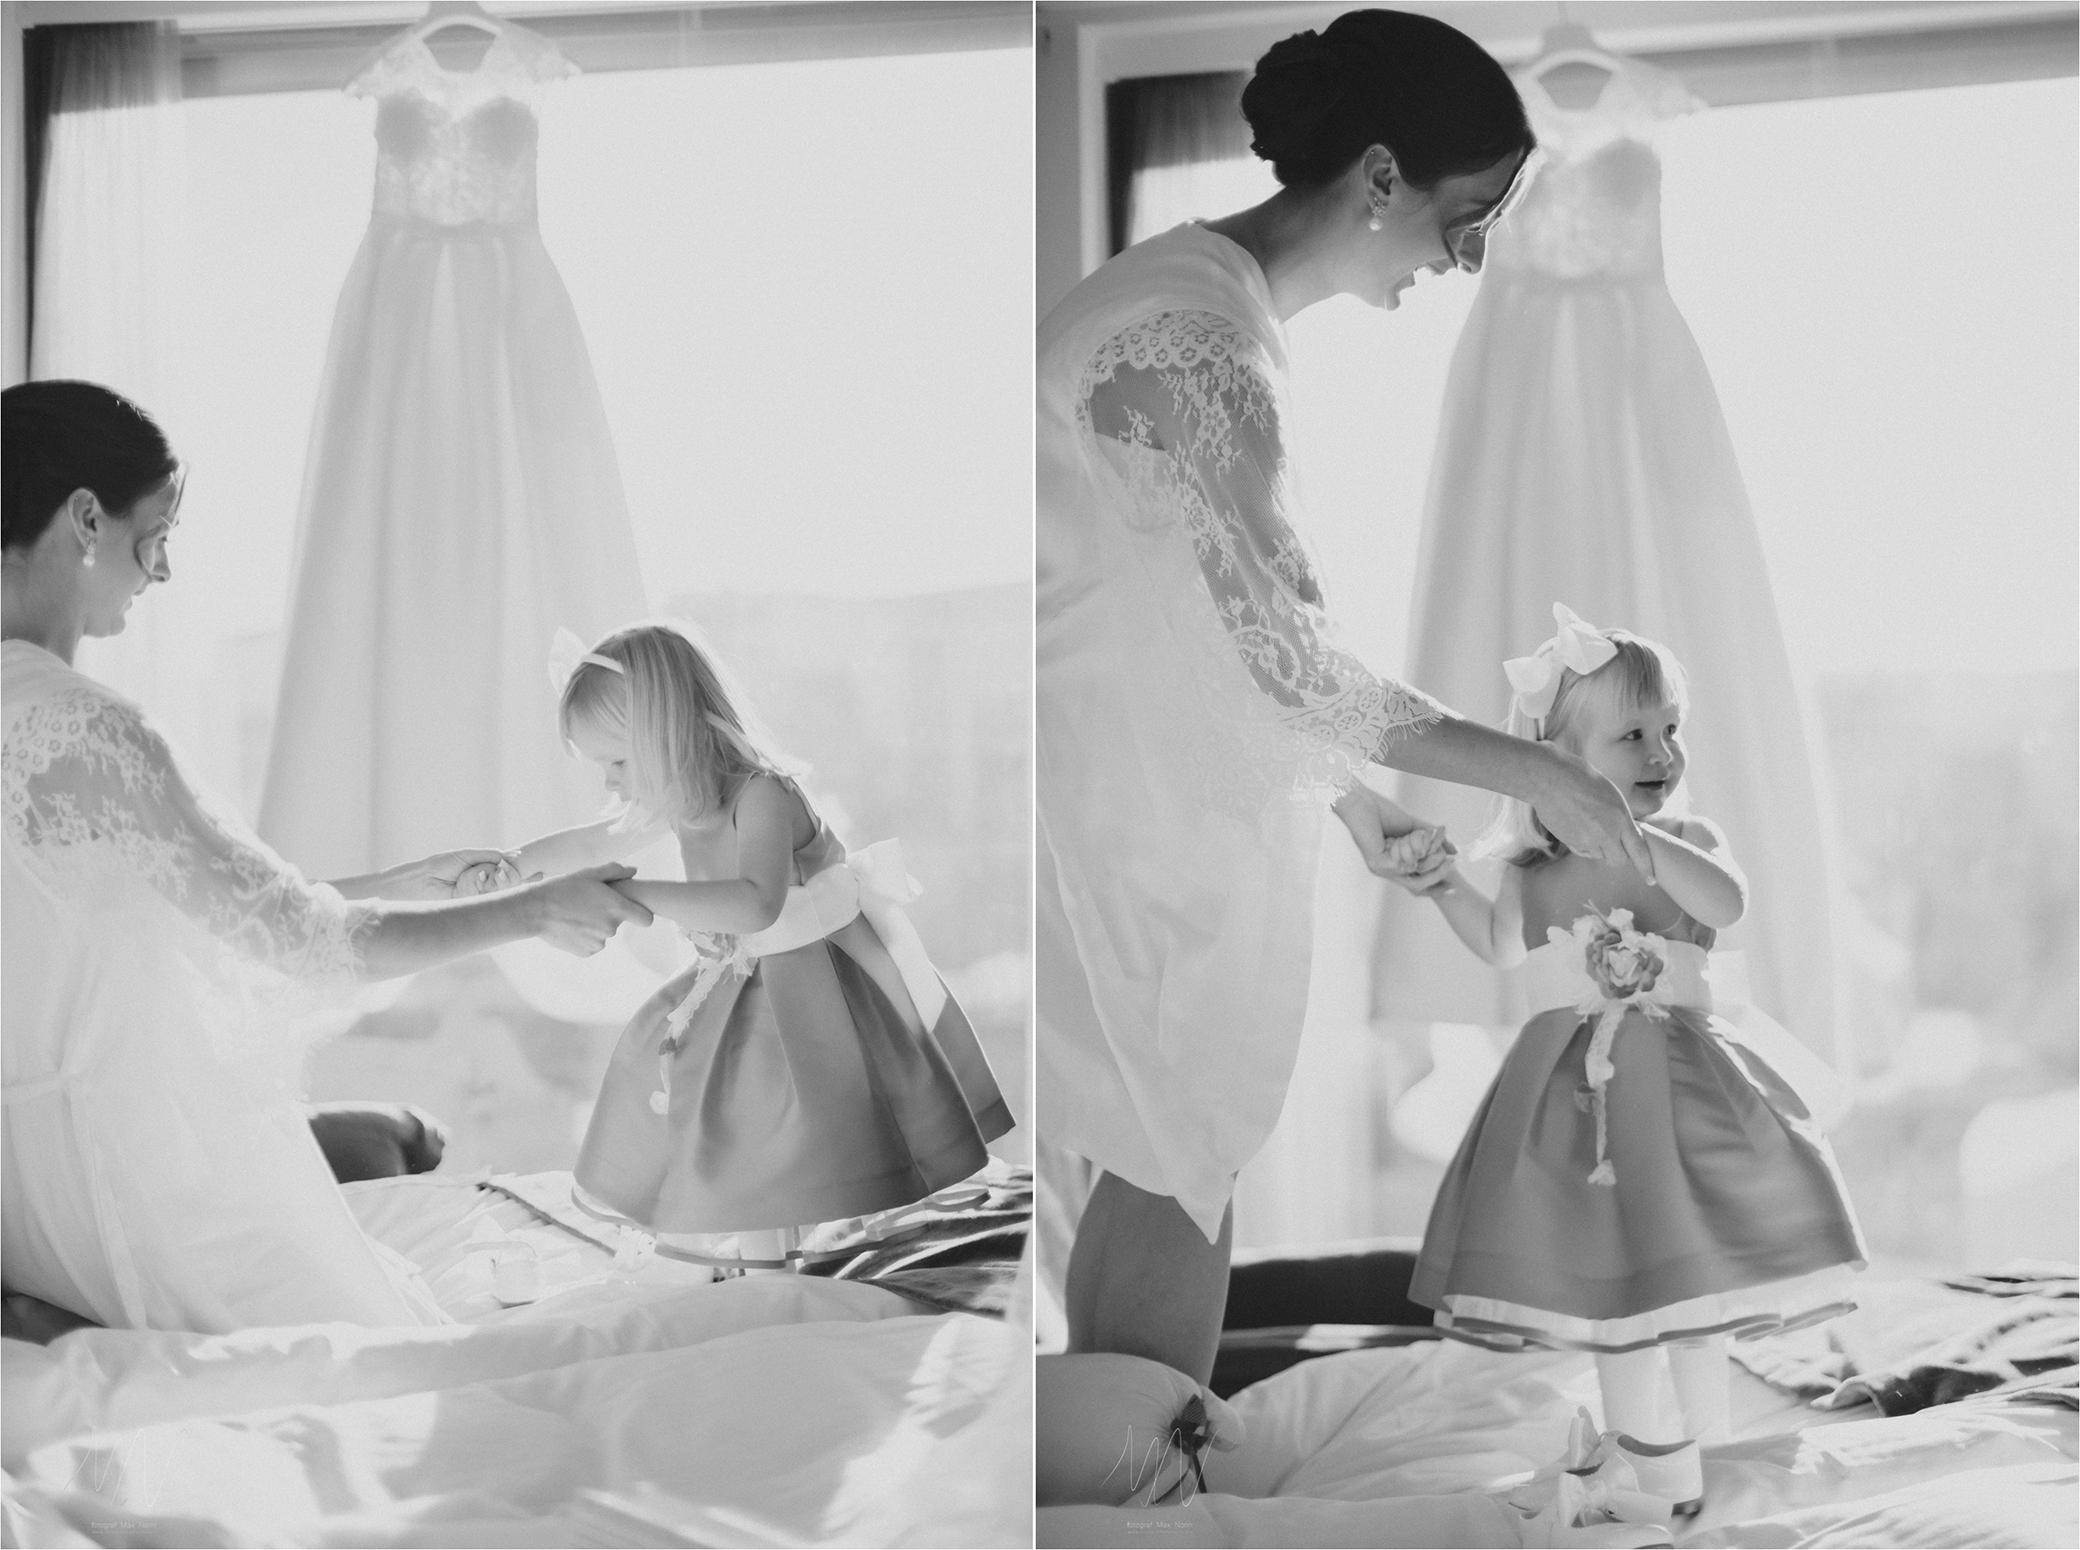 bröllopsfoto-fotograf-max-norin-69 kopiera.jpg